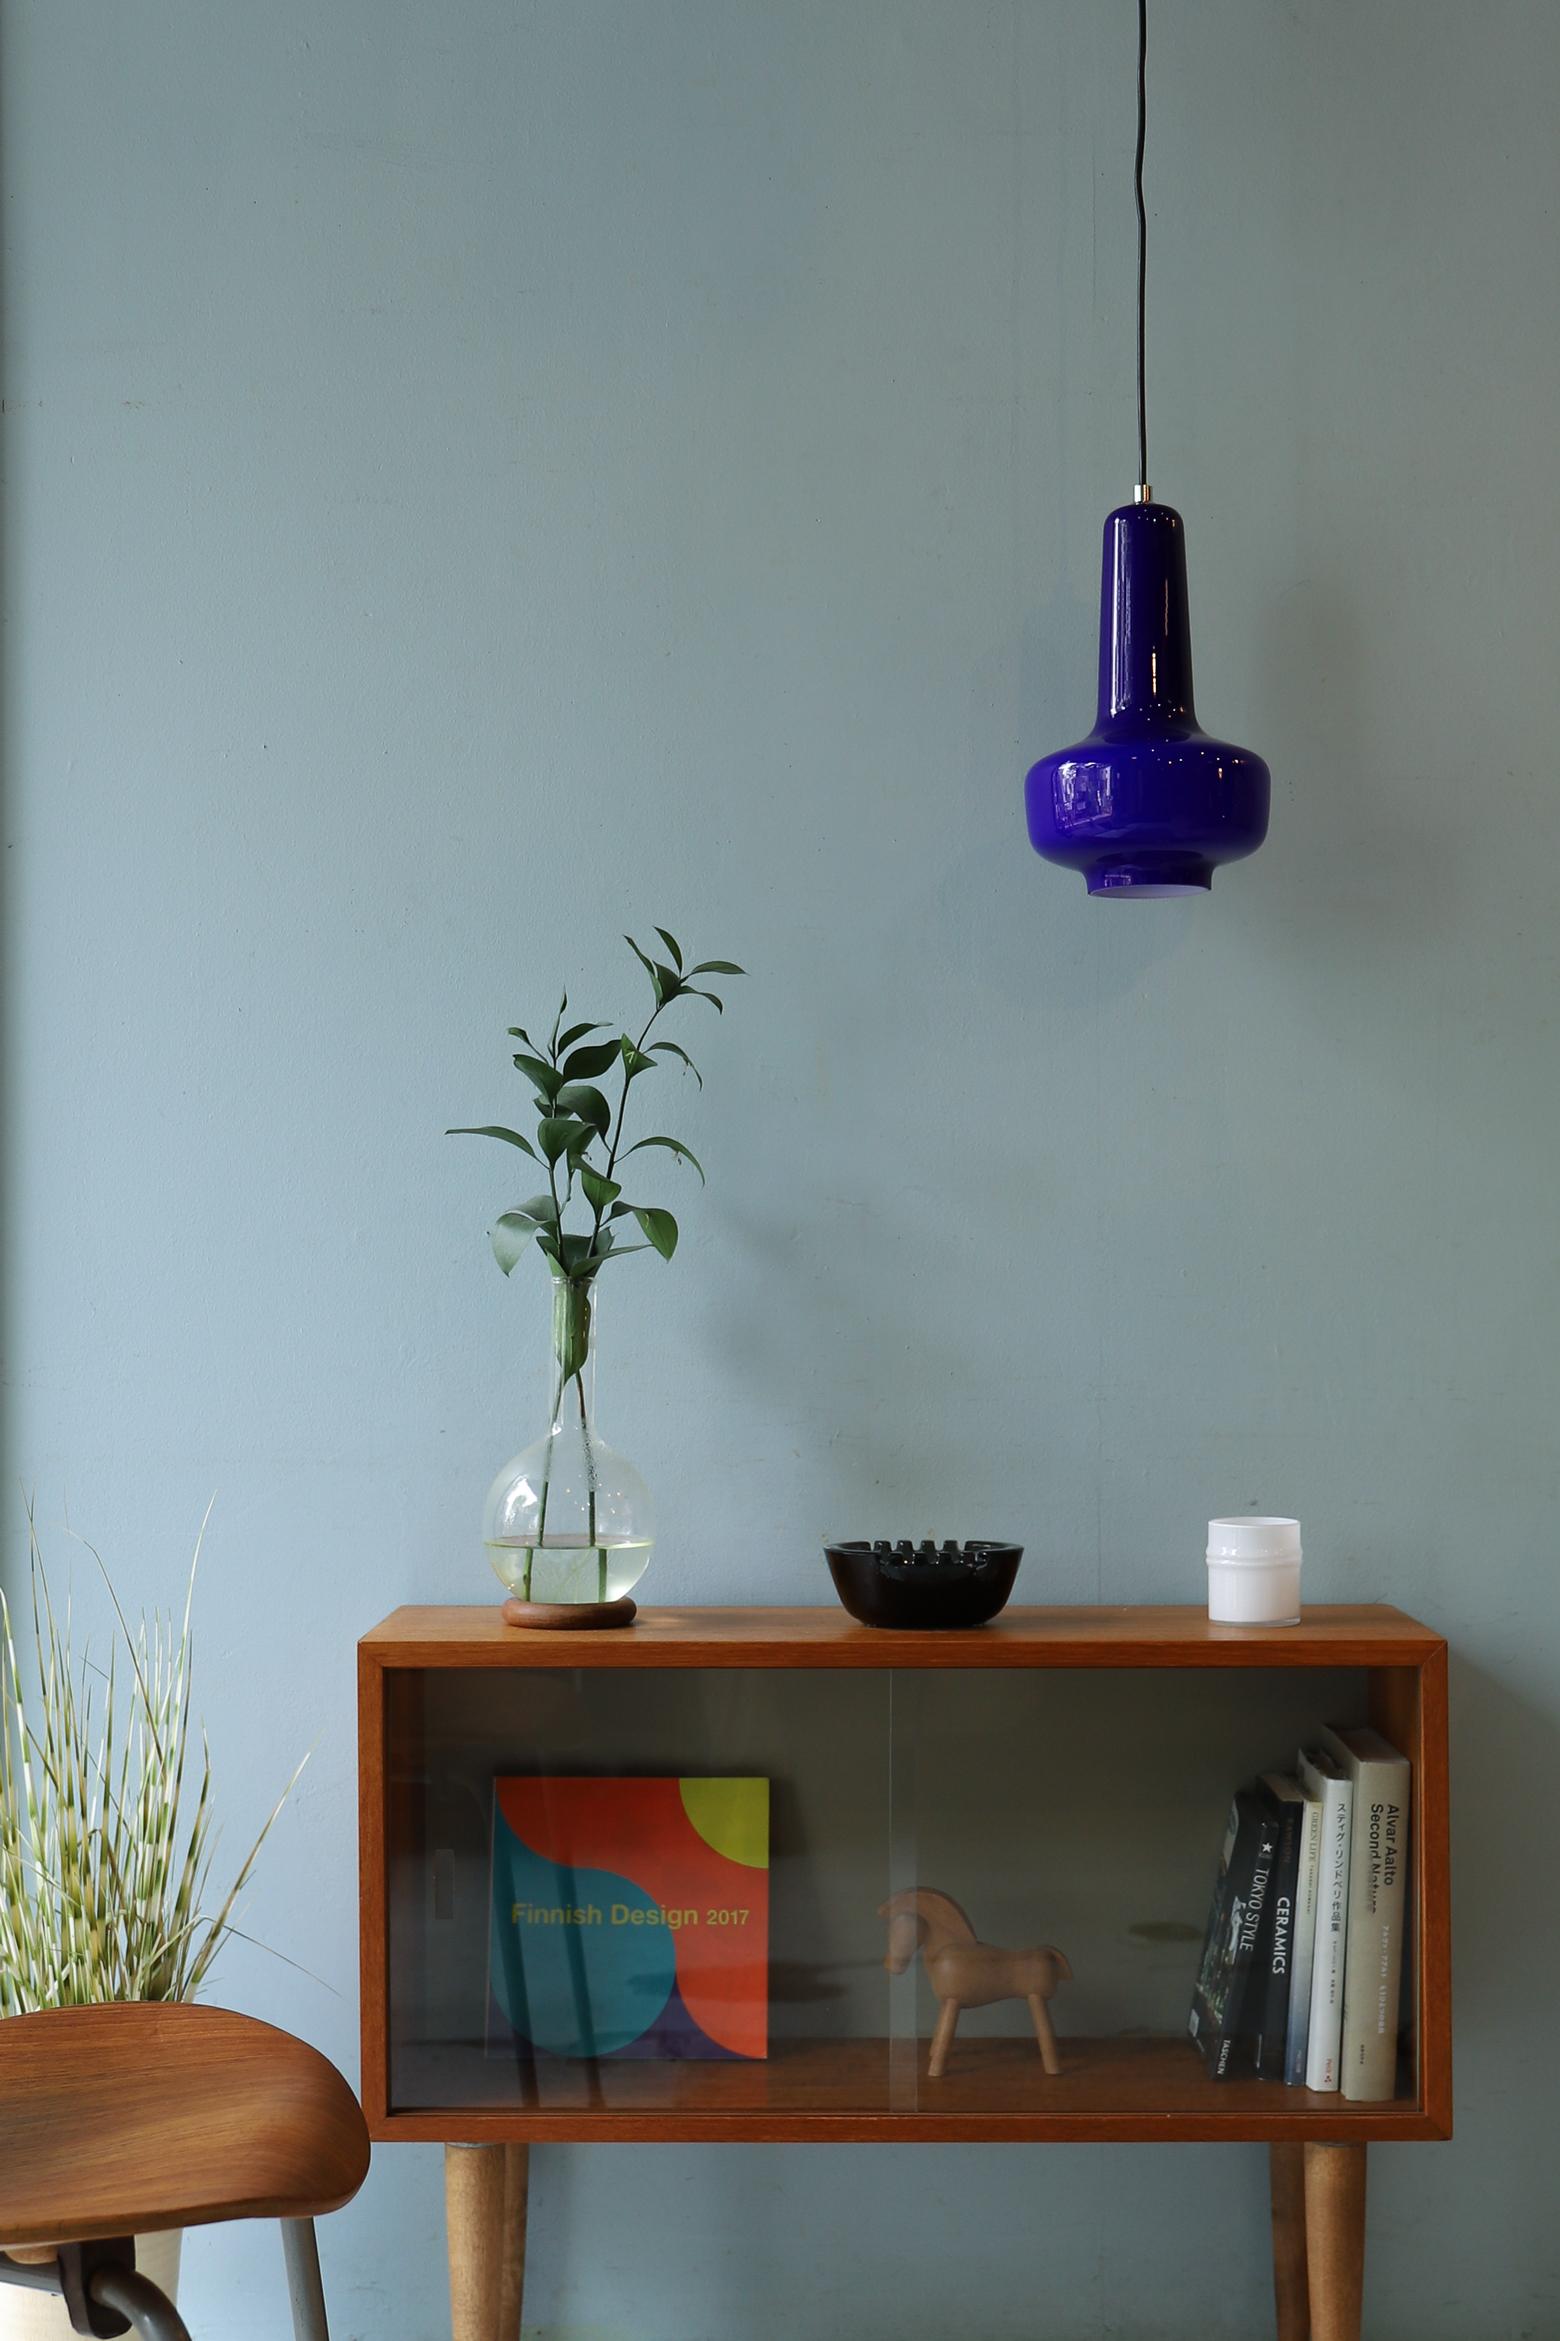 Danish Pendant Light Glass Shade/デンマーク ペンダントライト ガラスシェード ミッドセンチュリーモダン インテリア